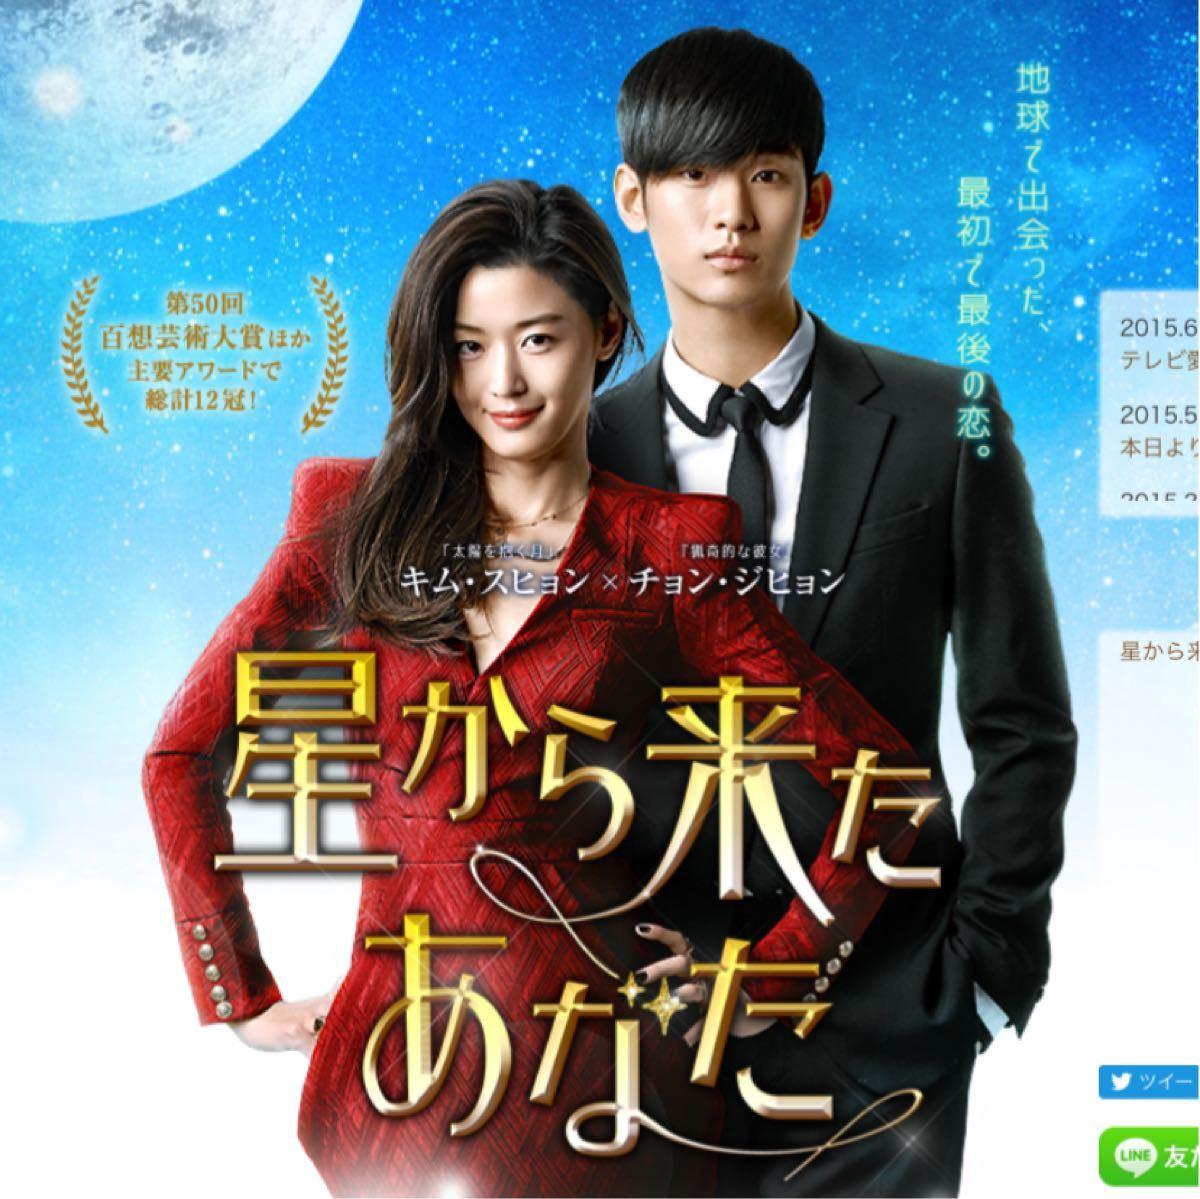 ☆韓国ドラマ☆『星から来たあなた』 Blu-ray  全話 CDケース入